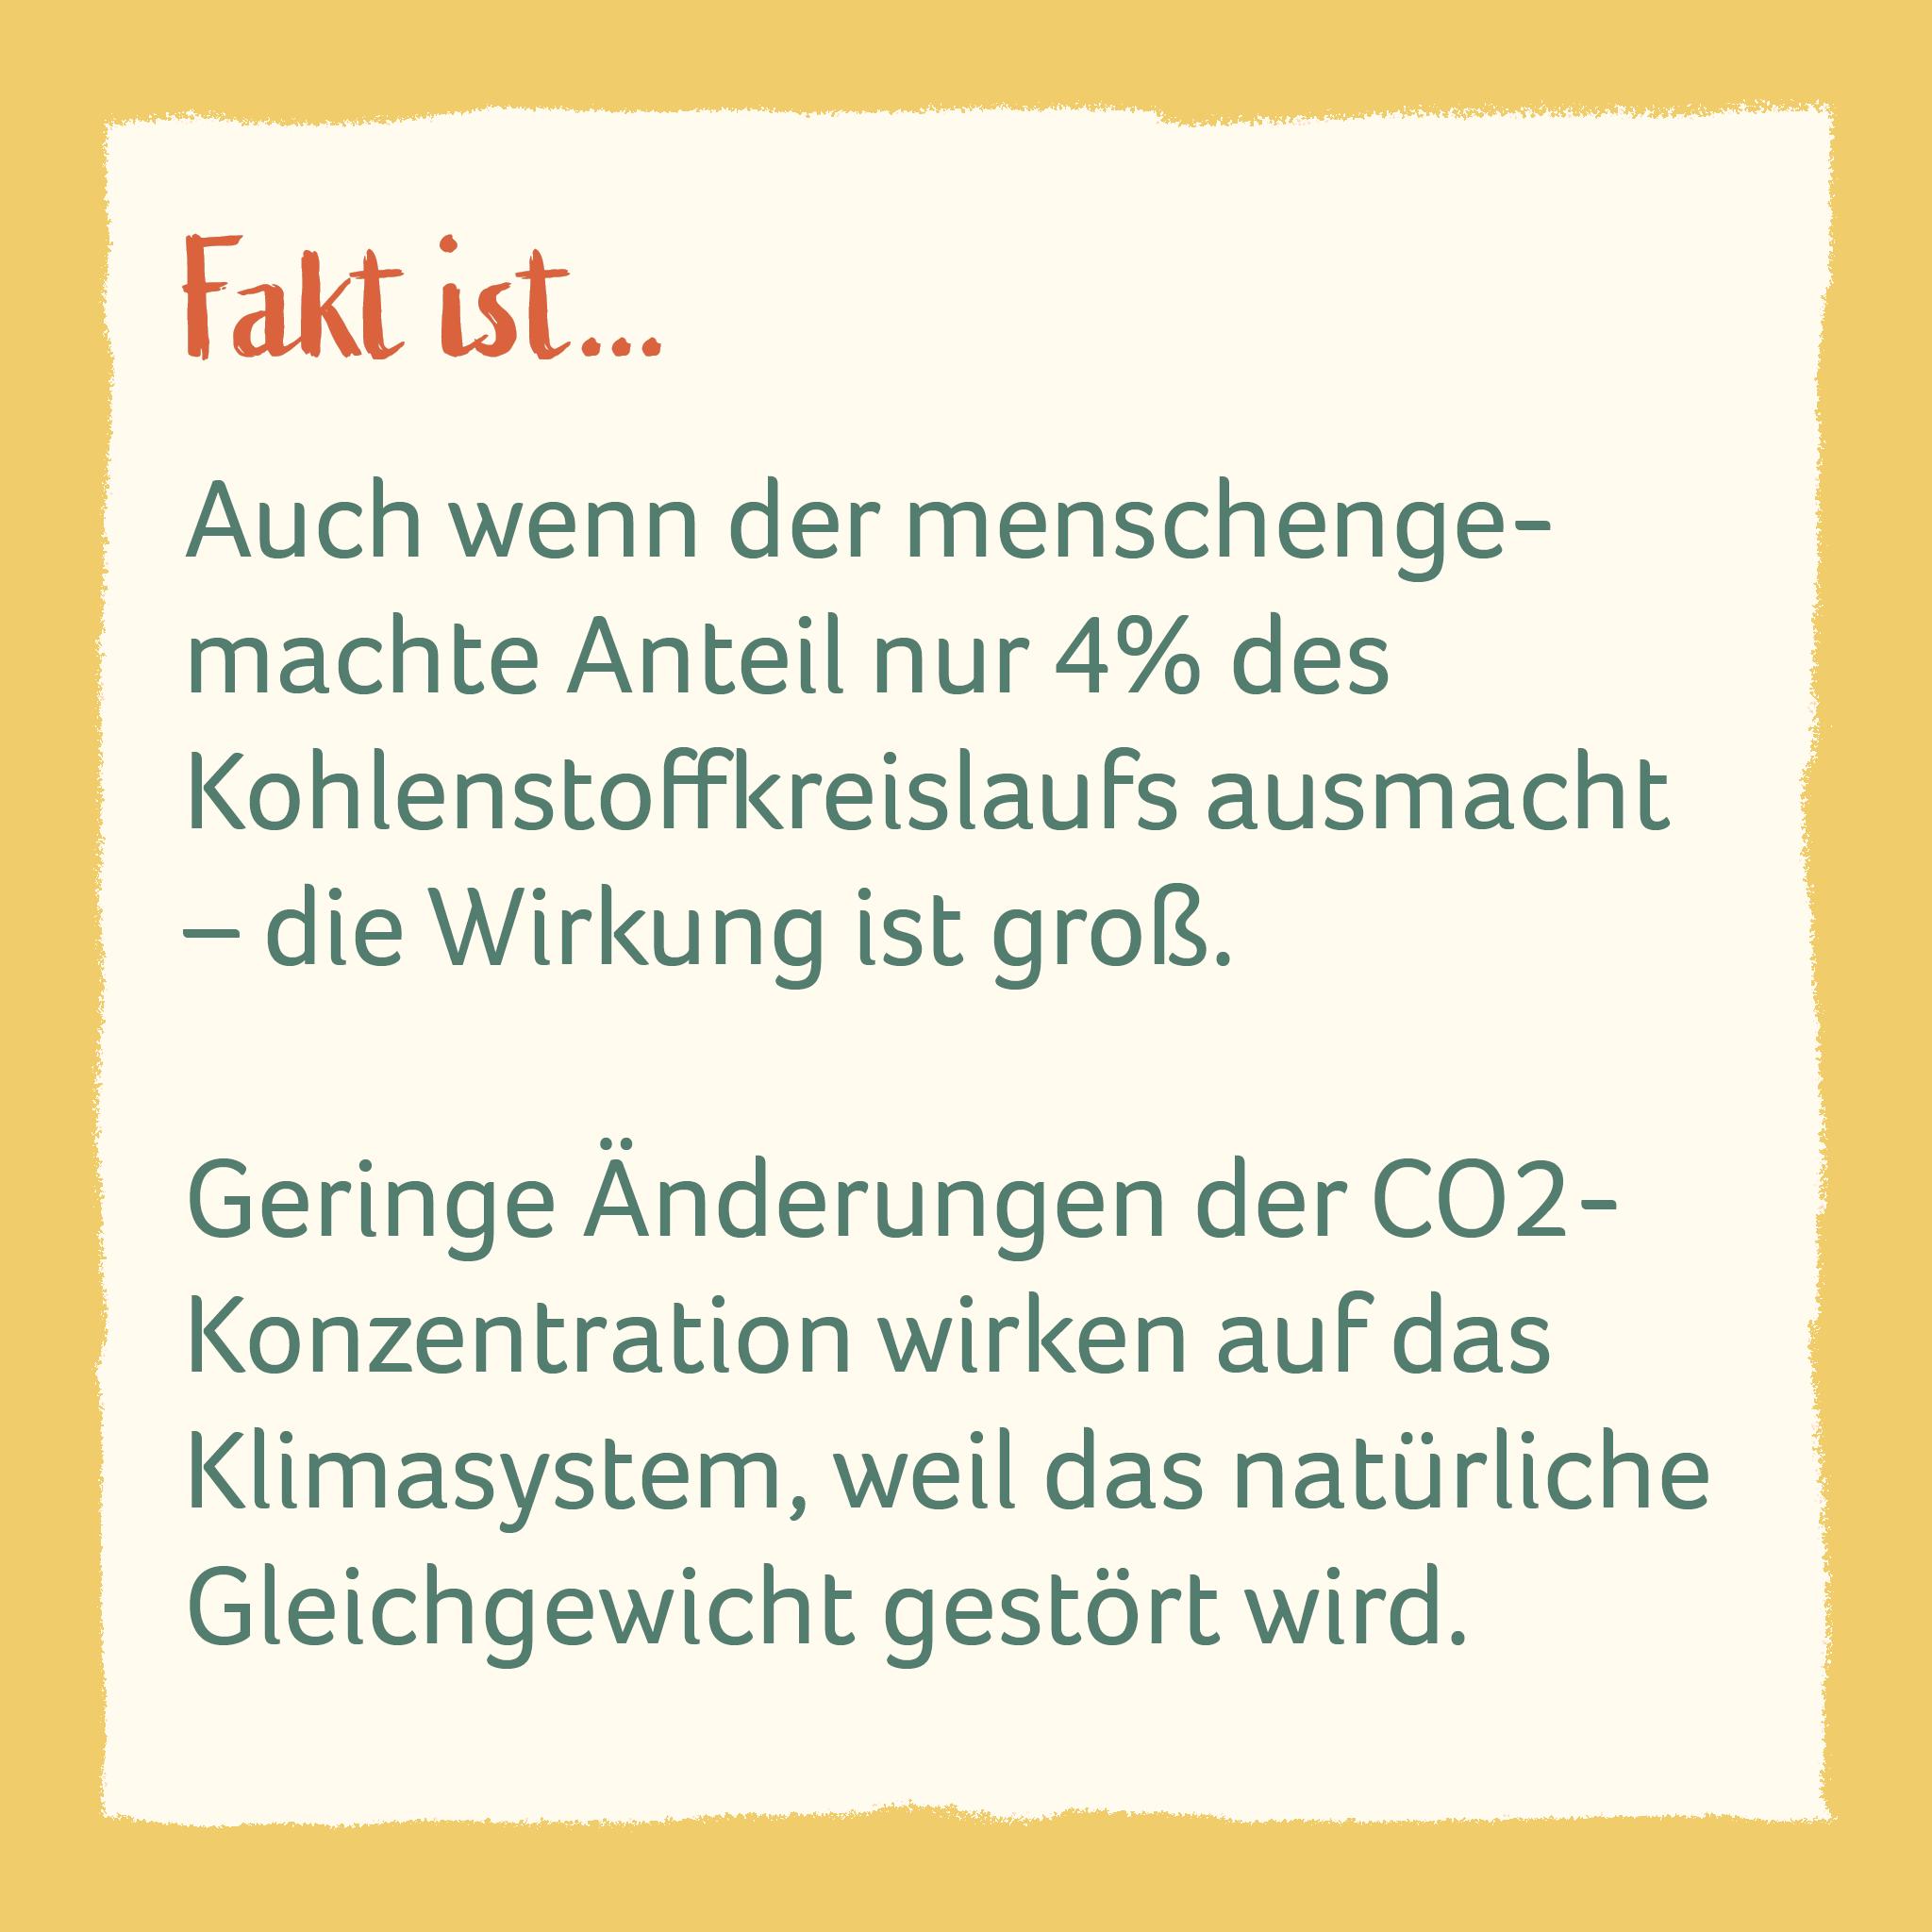 Auch wenn der menschengemachte Anteil nur 4% des  Kohlenstoffkreislaufs ausmacht – die Wirkung ist groß.   Geringe Änderungen der CO2- Konzentration wirken auf das  Klimasystem, weil das natürliche Gleichgewicht gestört wird.